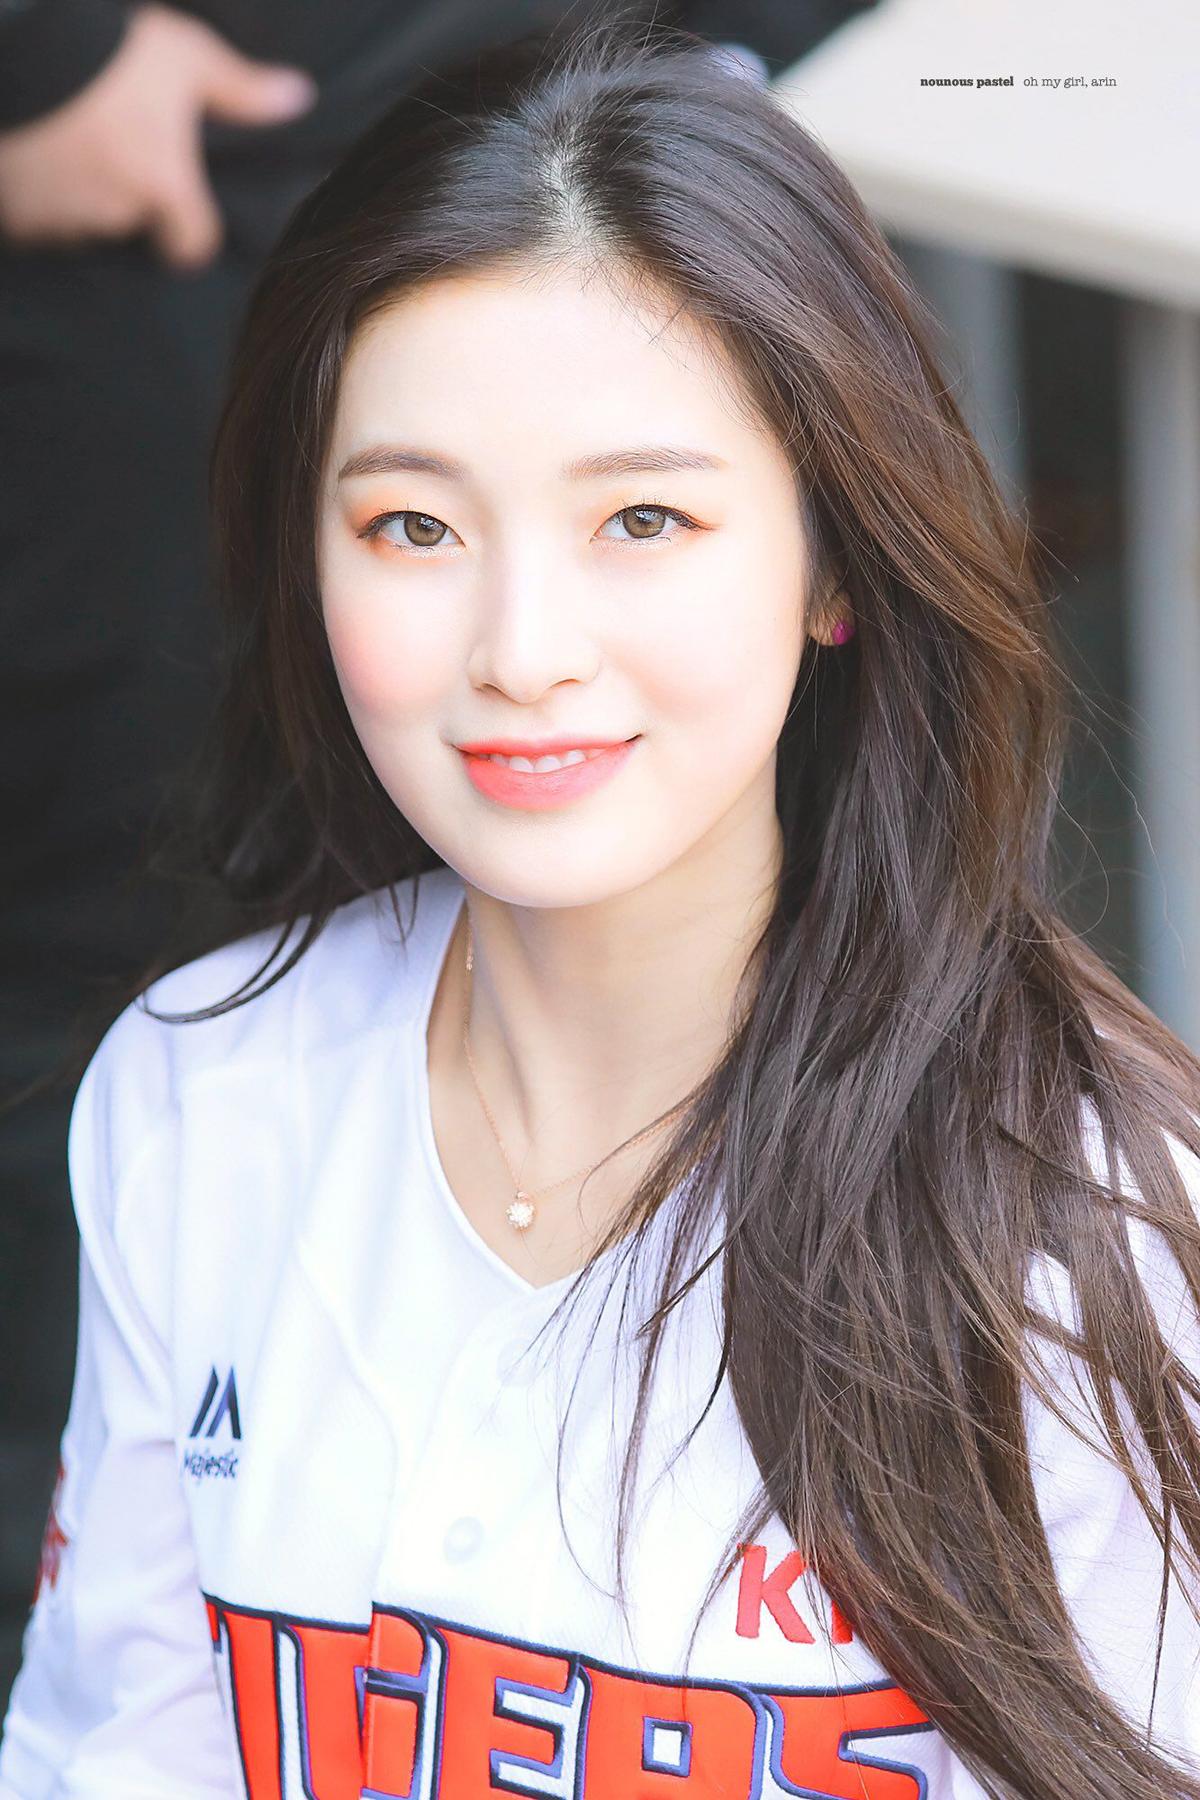 Arin không hẳn là idol một mí, chỉ là đường nhấn mí của cô nàng khá mảnh, giống với mí lót. Tuy vậy, chỉ phớt qua một lớp phần mắt mỏng, Arin vẫn rất xinh đẹp.